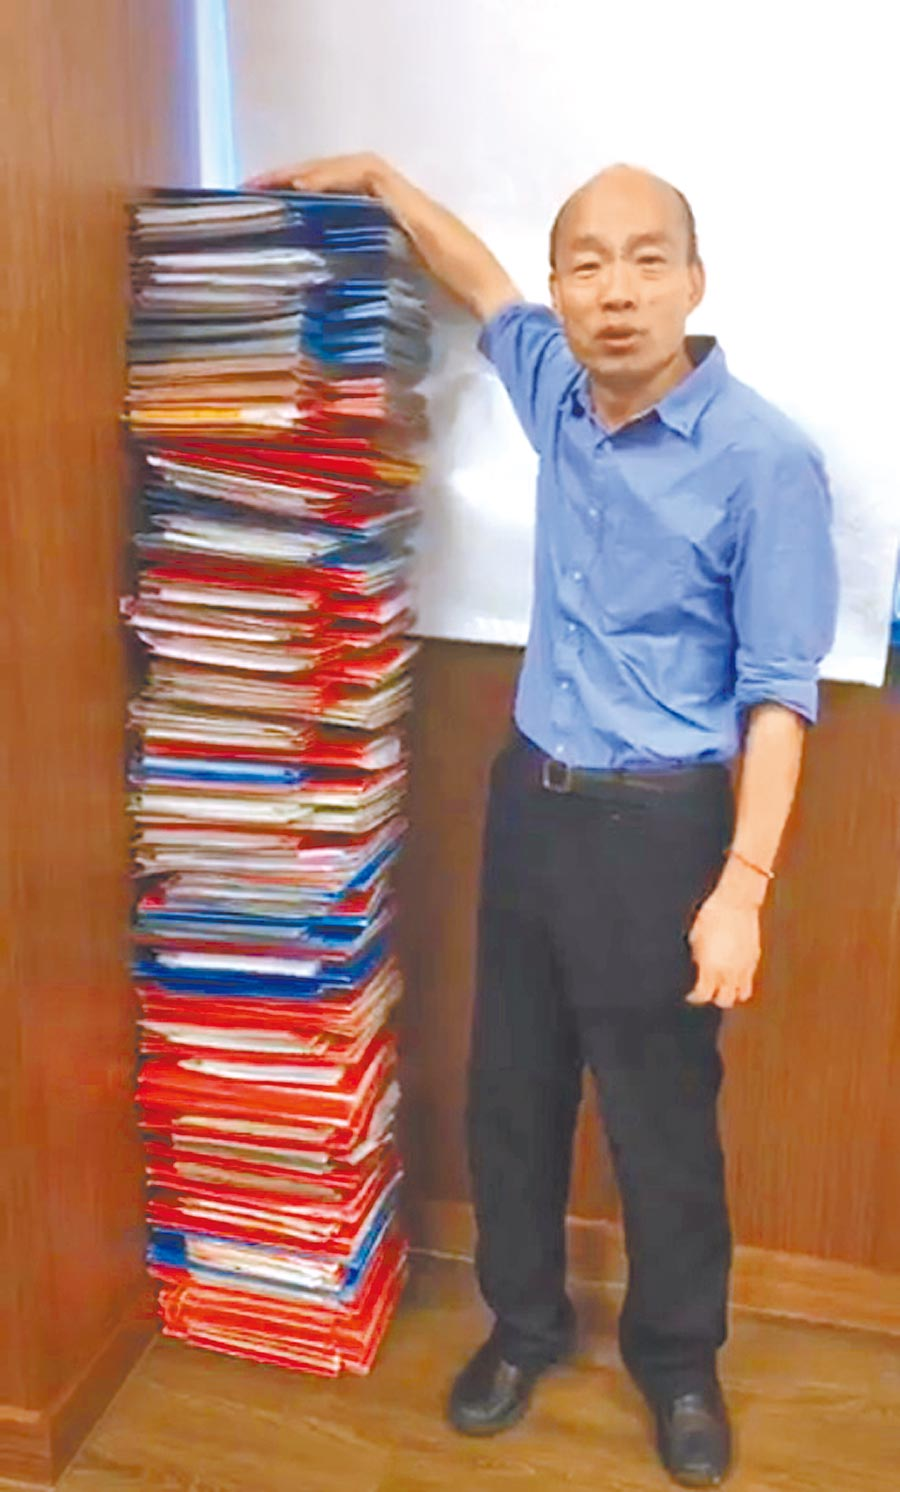 韓國瑜19日中午開直播,堆起和身高一樣高的公文,「和蘇院長PK一下」。(取自韓國瑜臉書)